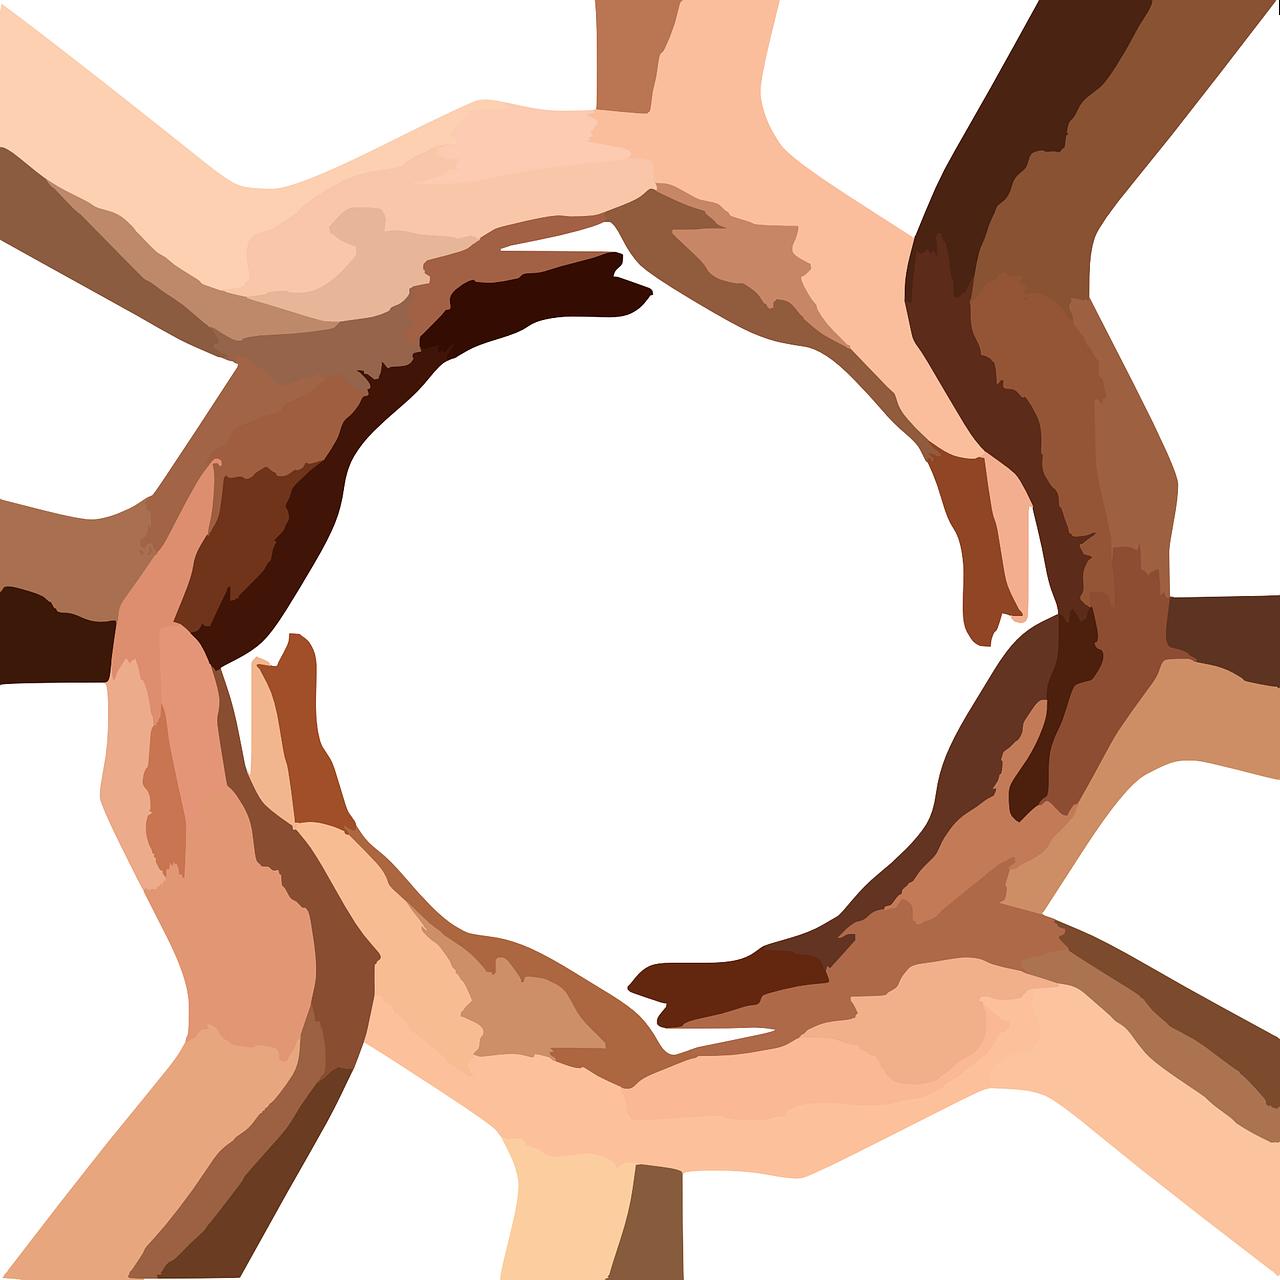 Toward a More Equitable, Inclusive Healthcare Environment